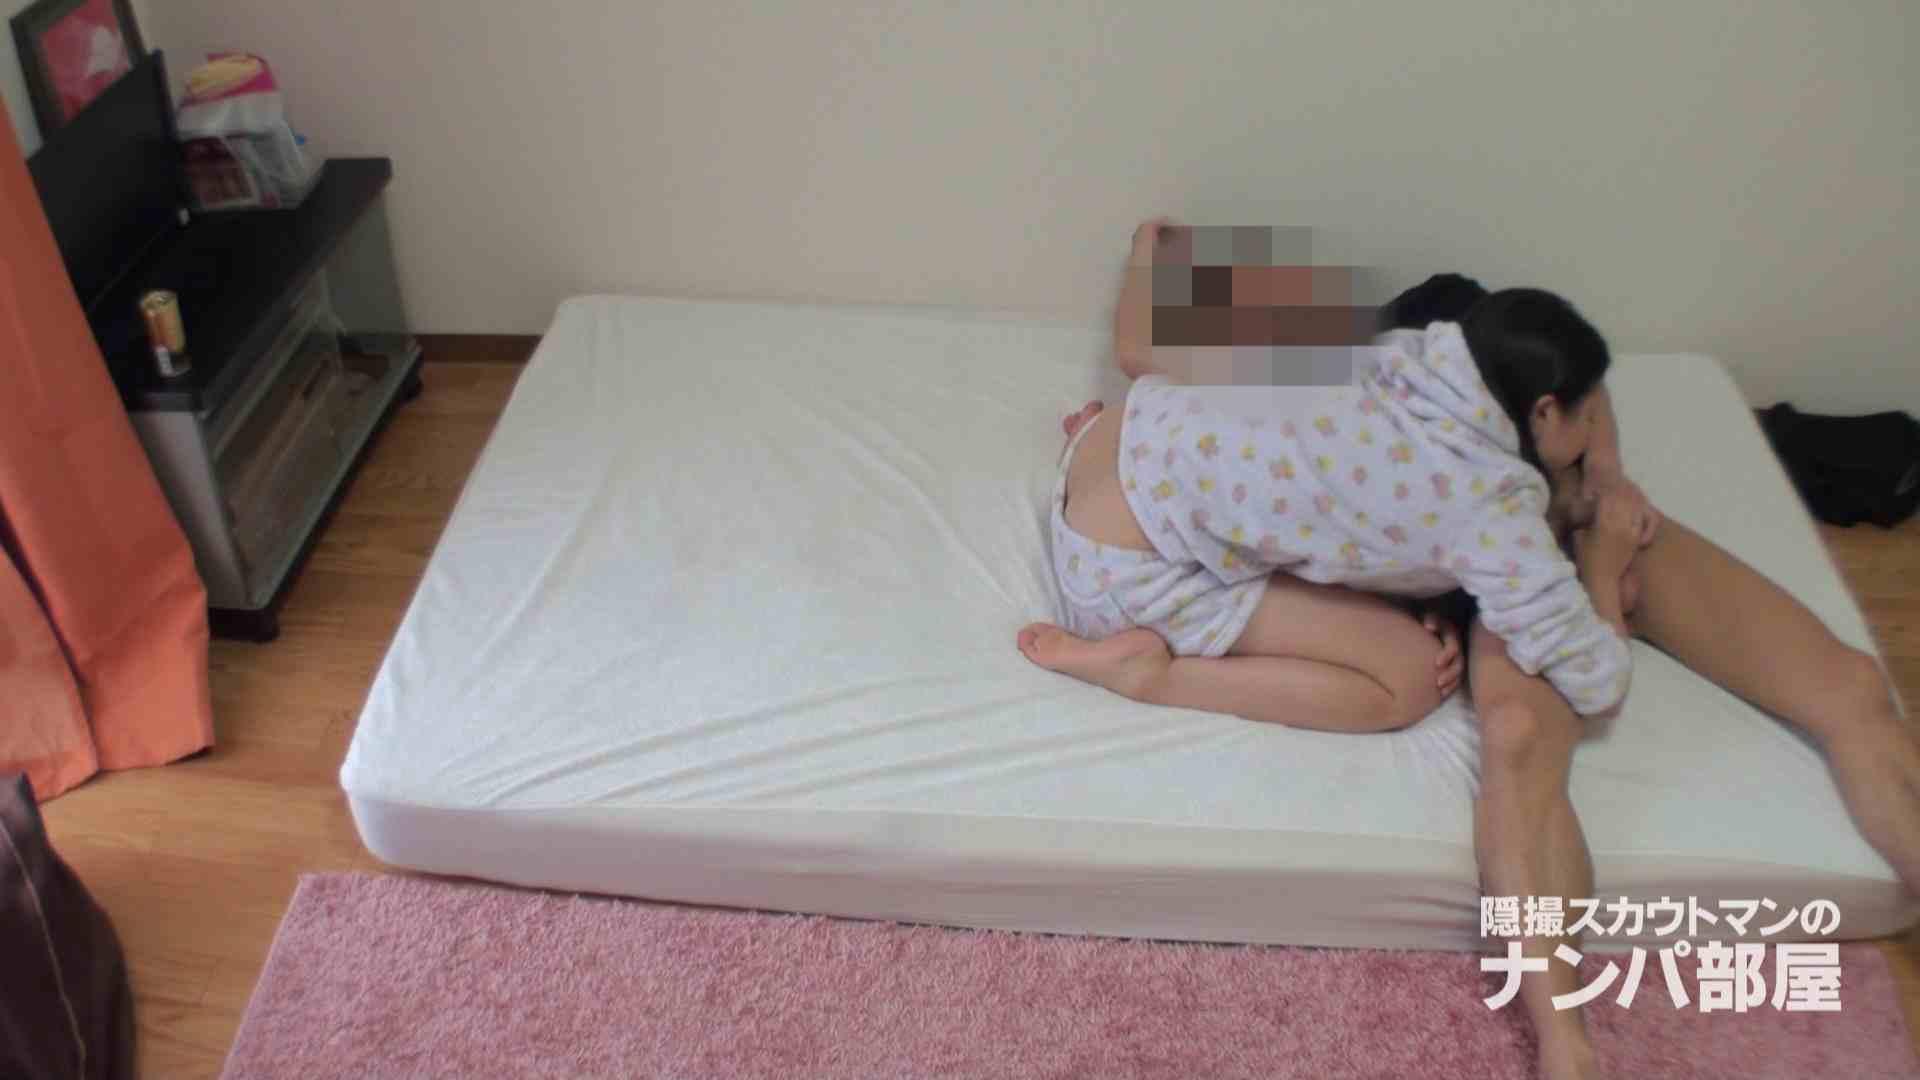 隠撮スカウトマンのナンパ部屋~風俗デビュー前のつまみ食い~hanavol.3 脱衣所  100pic 75